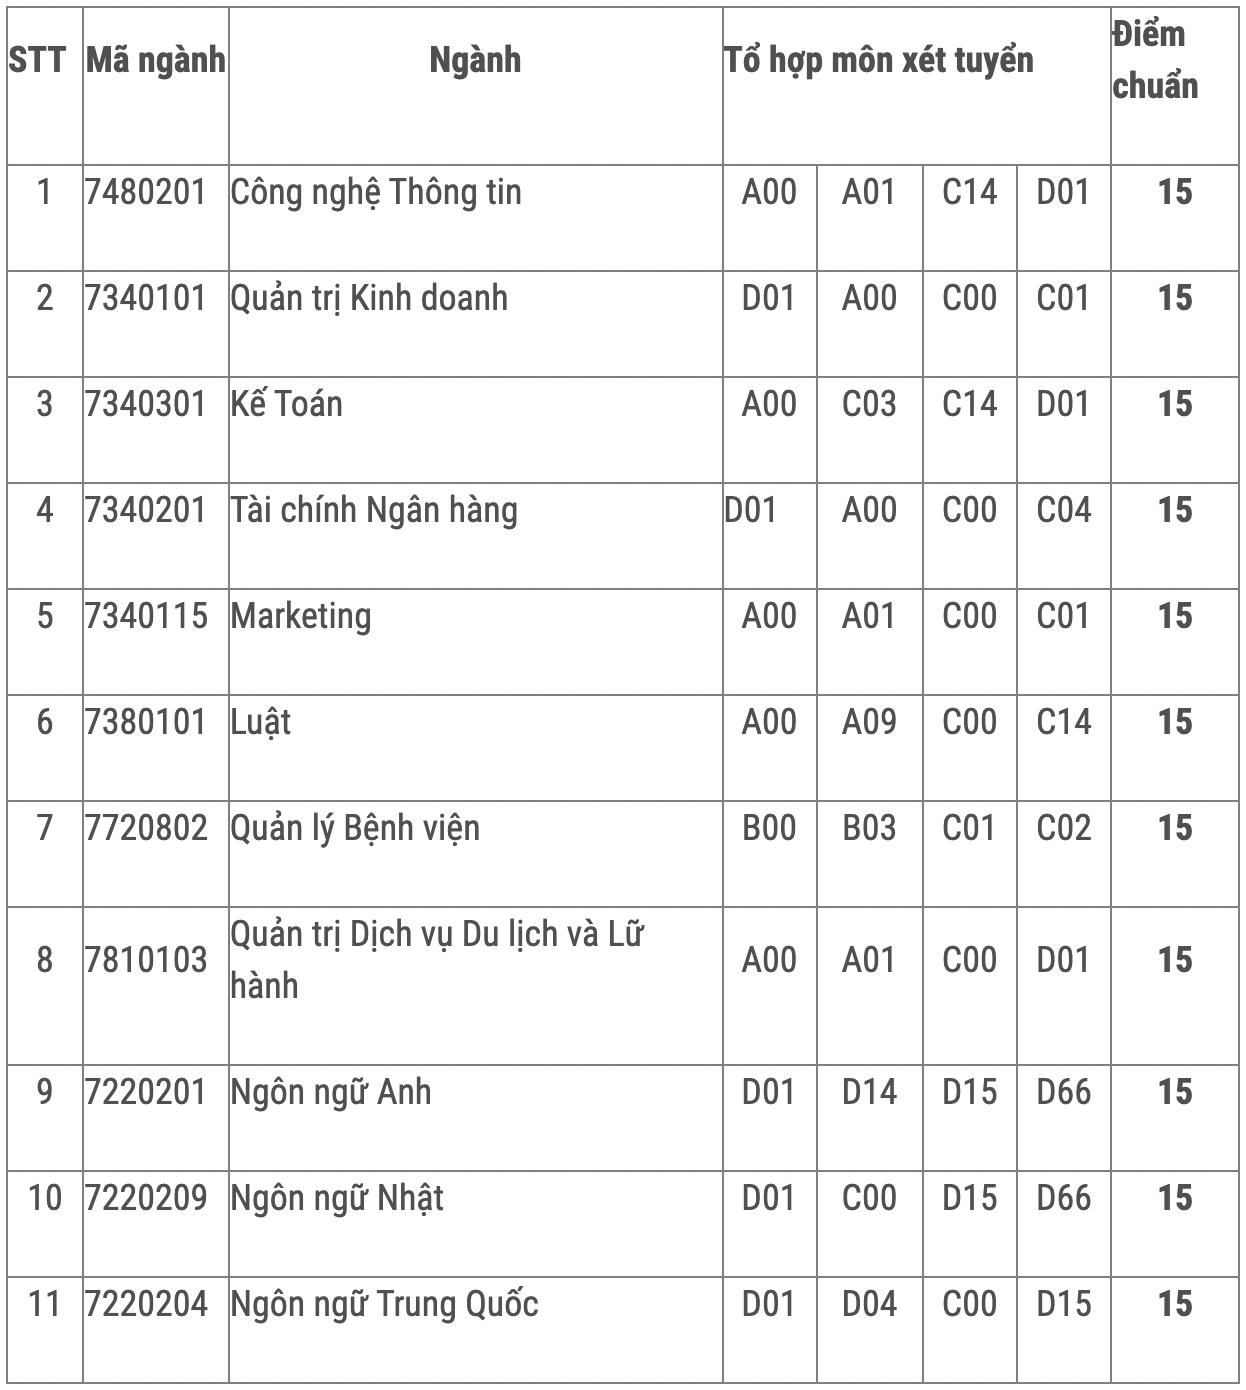 Điểm chuẩn Đại học Mở, Hùng Vương TP HCM - 6